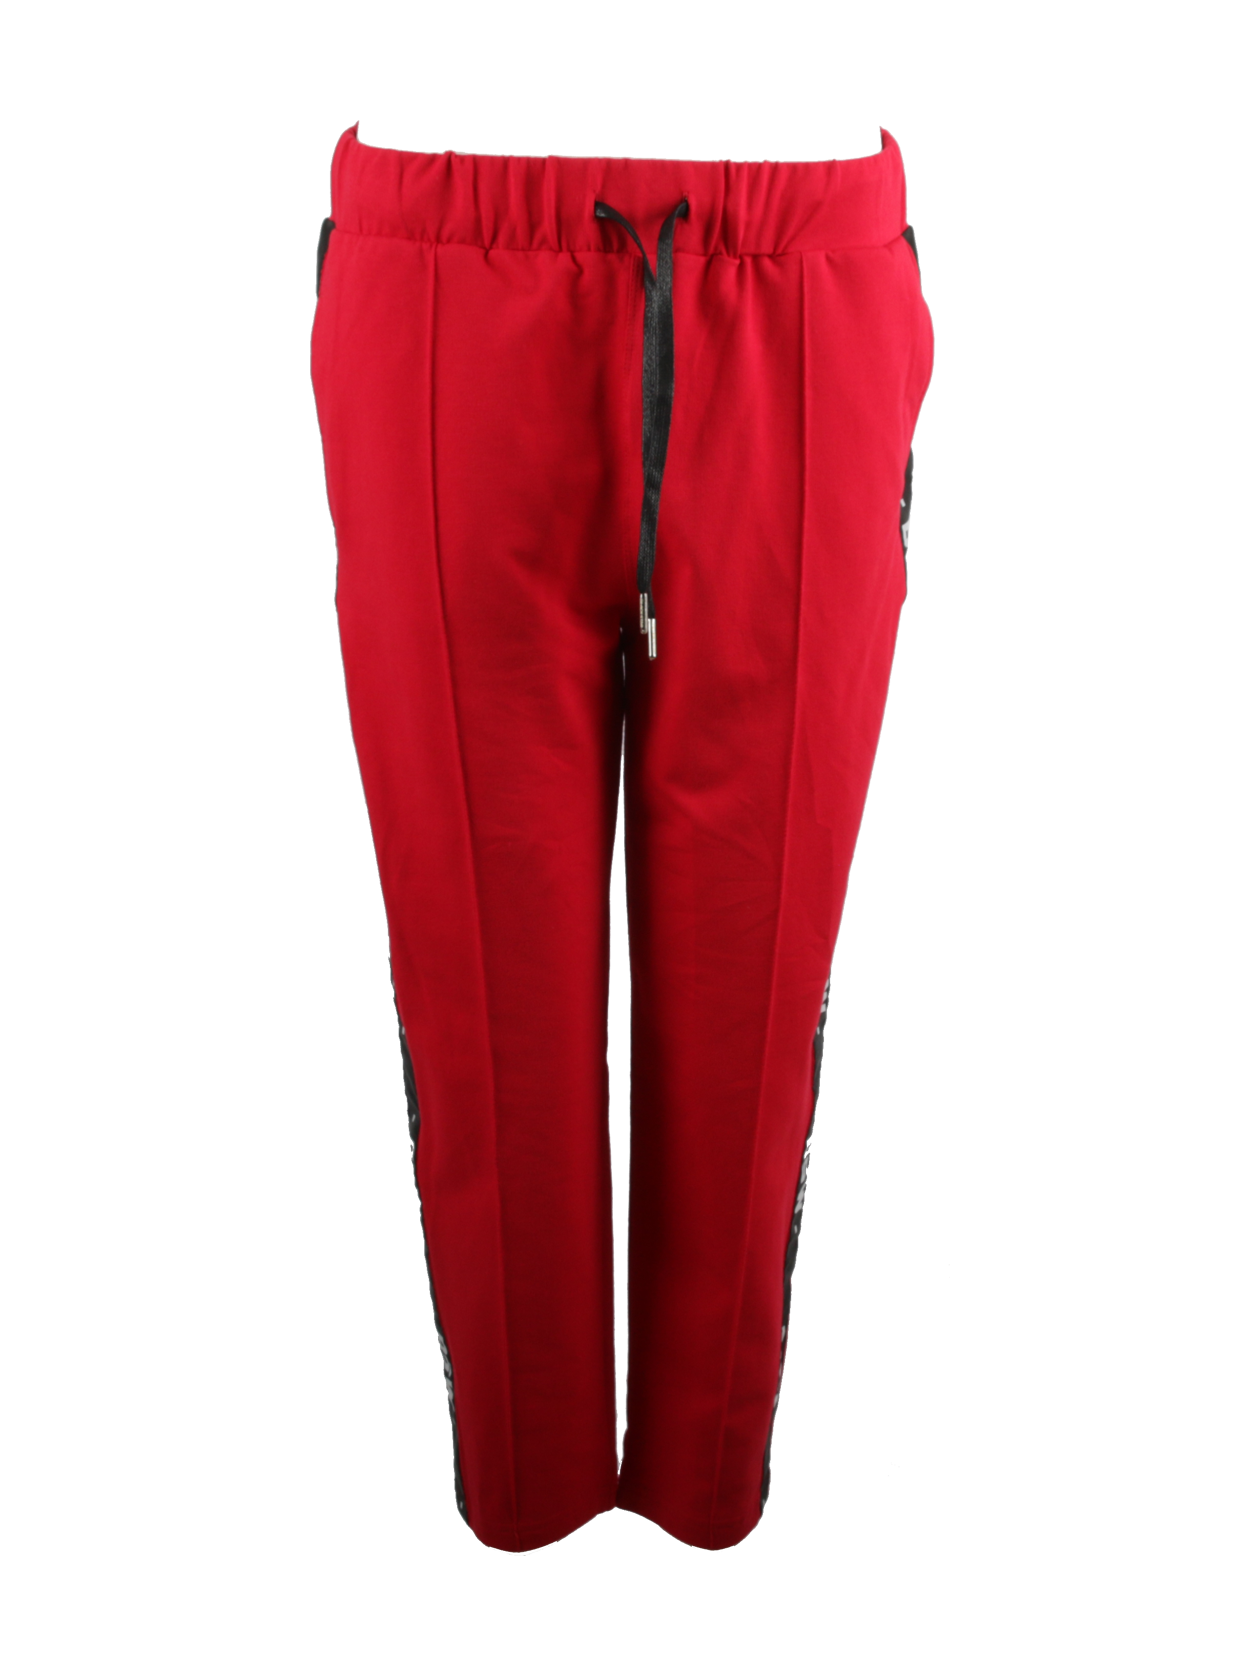 Брюки мужские STRIPE BSЧерные брюки мужские Daily Star – незаменимая вещь в шкафу. Модель лаконичного кроя обладает прямым зауженным к низу силуэтом. Широкий пояс на резинке дополнен завязками для лучшей фиксации по фигуре. Сзади и по бокам внутренние карманы, позволяющие хранить личные предметы. Декоративные элементы дизайна – боковые вставки в виде вертикальных полосок с многочисленными надписями BSW. Брюки мужские изготовлены из высококачественного натурального материала на основе хлопка. Идеально подходят для спорта, отдыха и на каждый день.<br><br>Размер: M<br>Цвет: Красный<br>Пол: Мужской